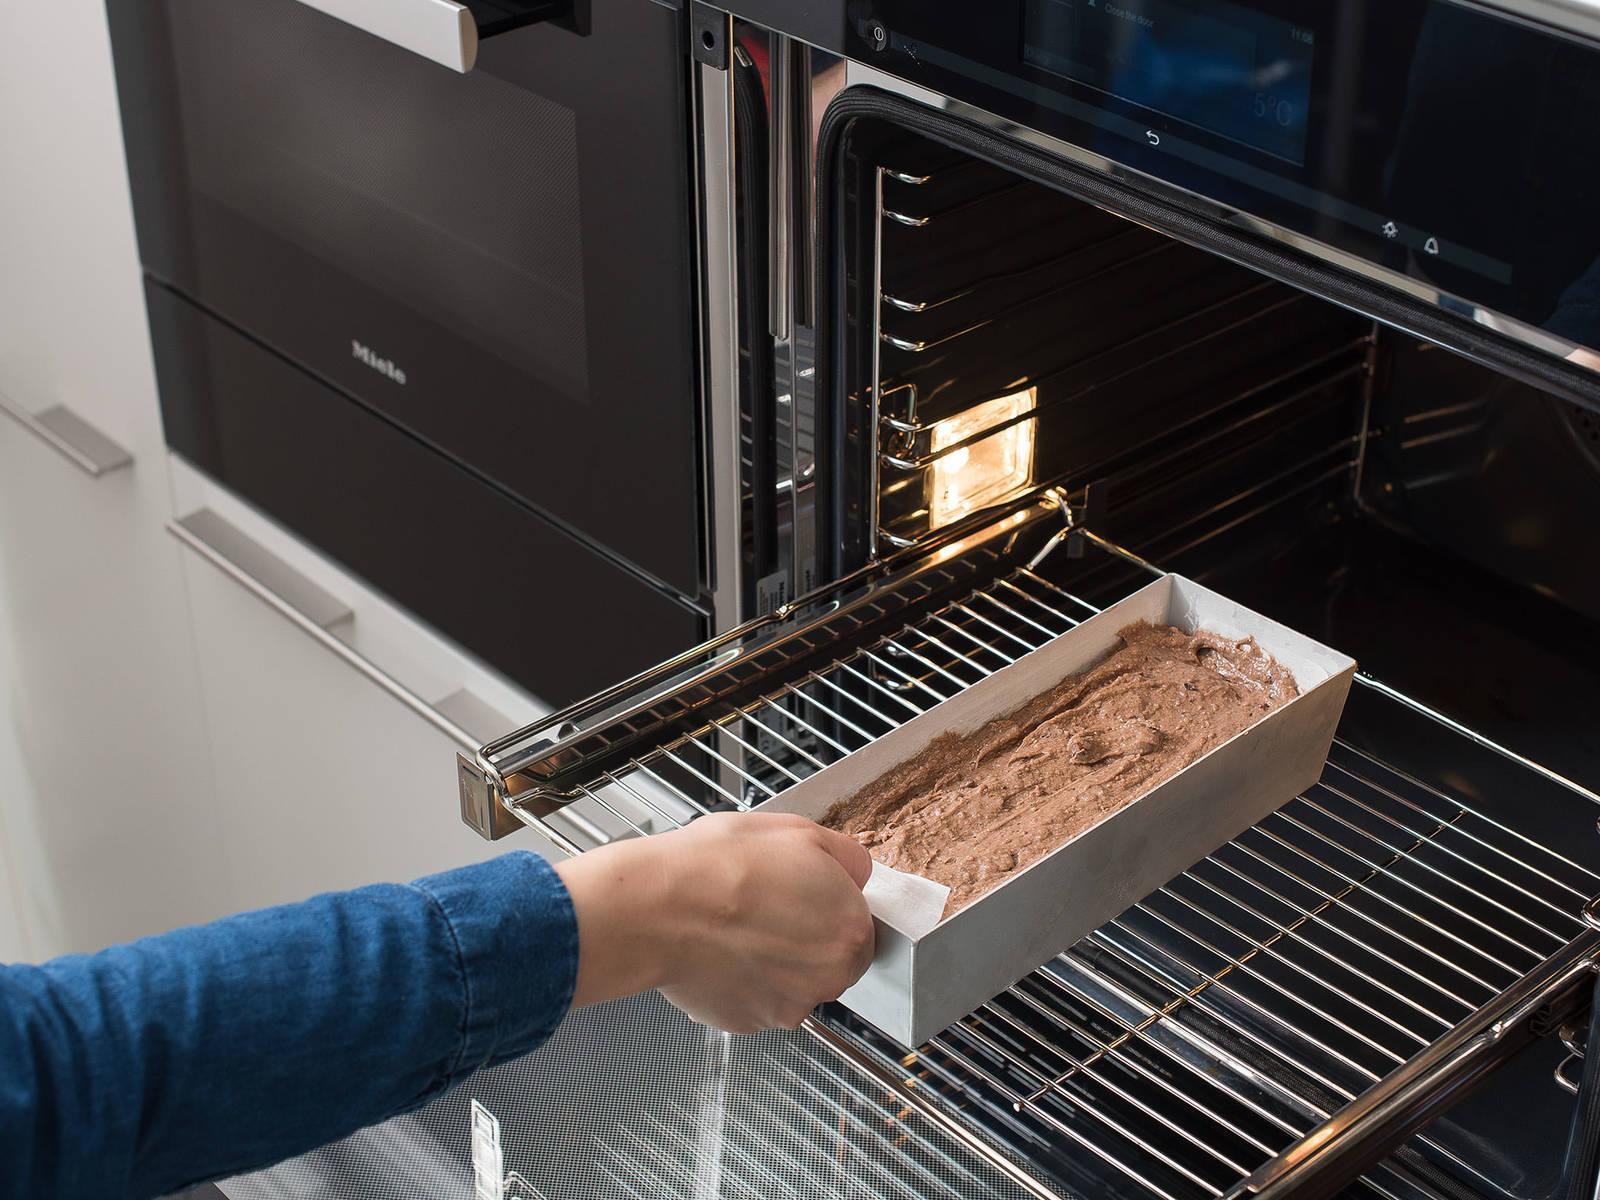 将面糊倒入准备好的烤模中,抹匀,烤60-70分钟。然后将牙签插入蛋糕中间,取出时未粘上任何痕迹,则说明蛋糕已烤熟。将蛋糕从烤箱中取出,留在模具中放凉15分钟,然后慢慢从中取出,放到冷却架上直至完全冷却。